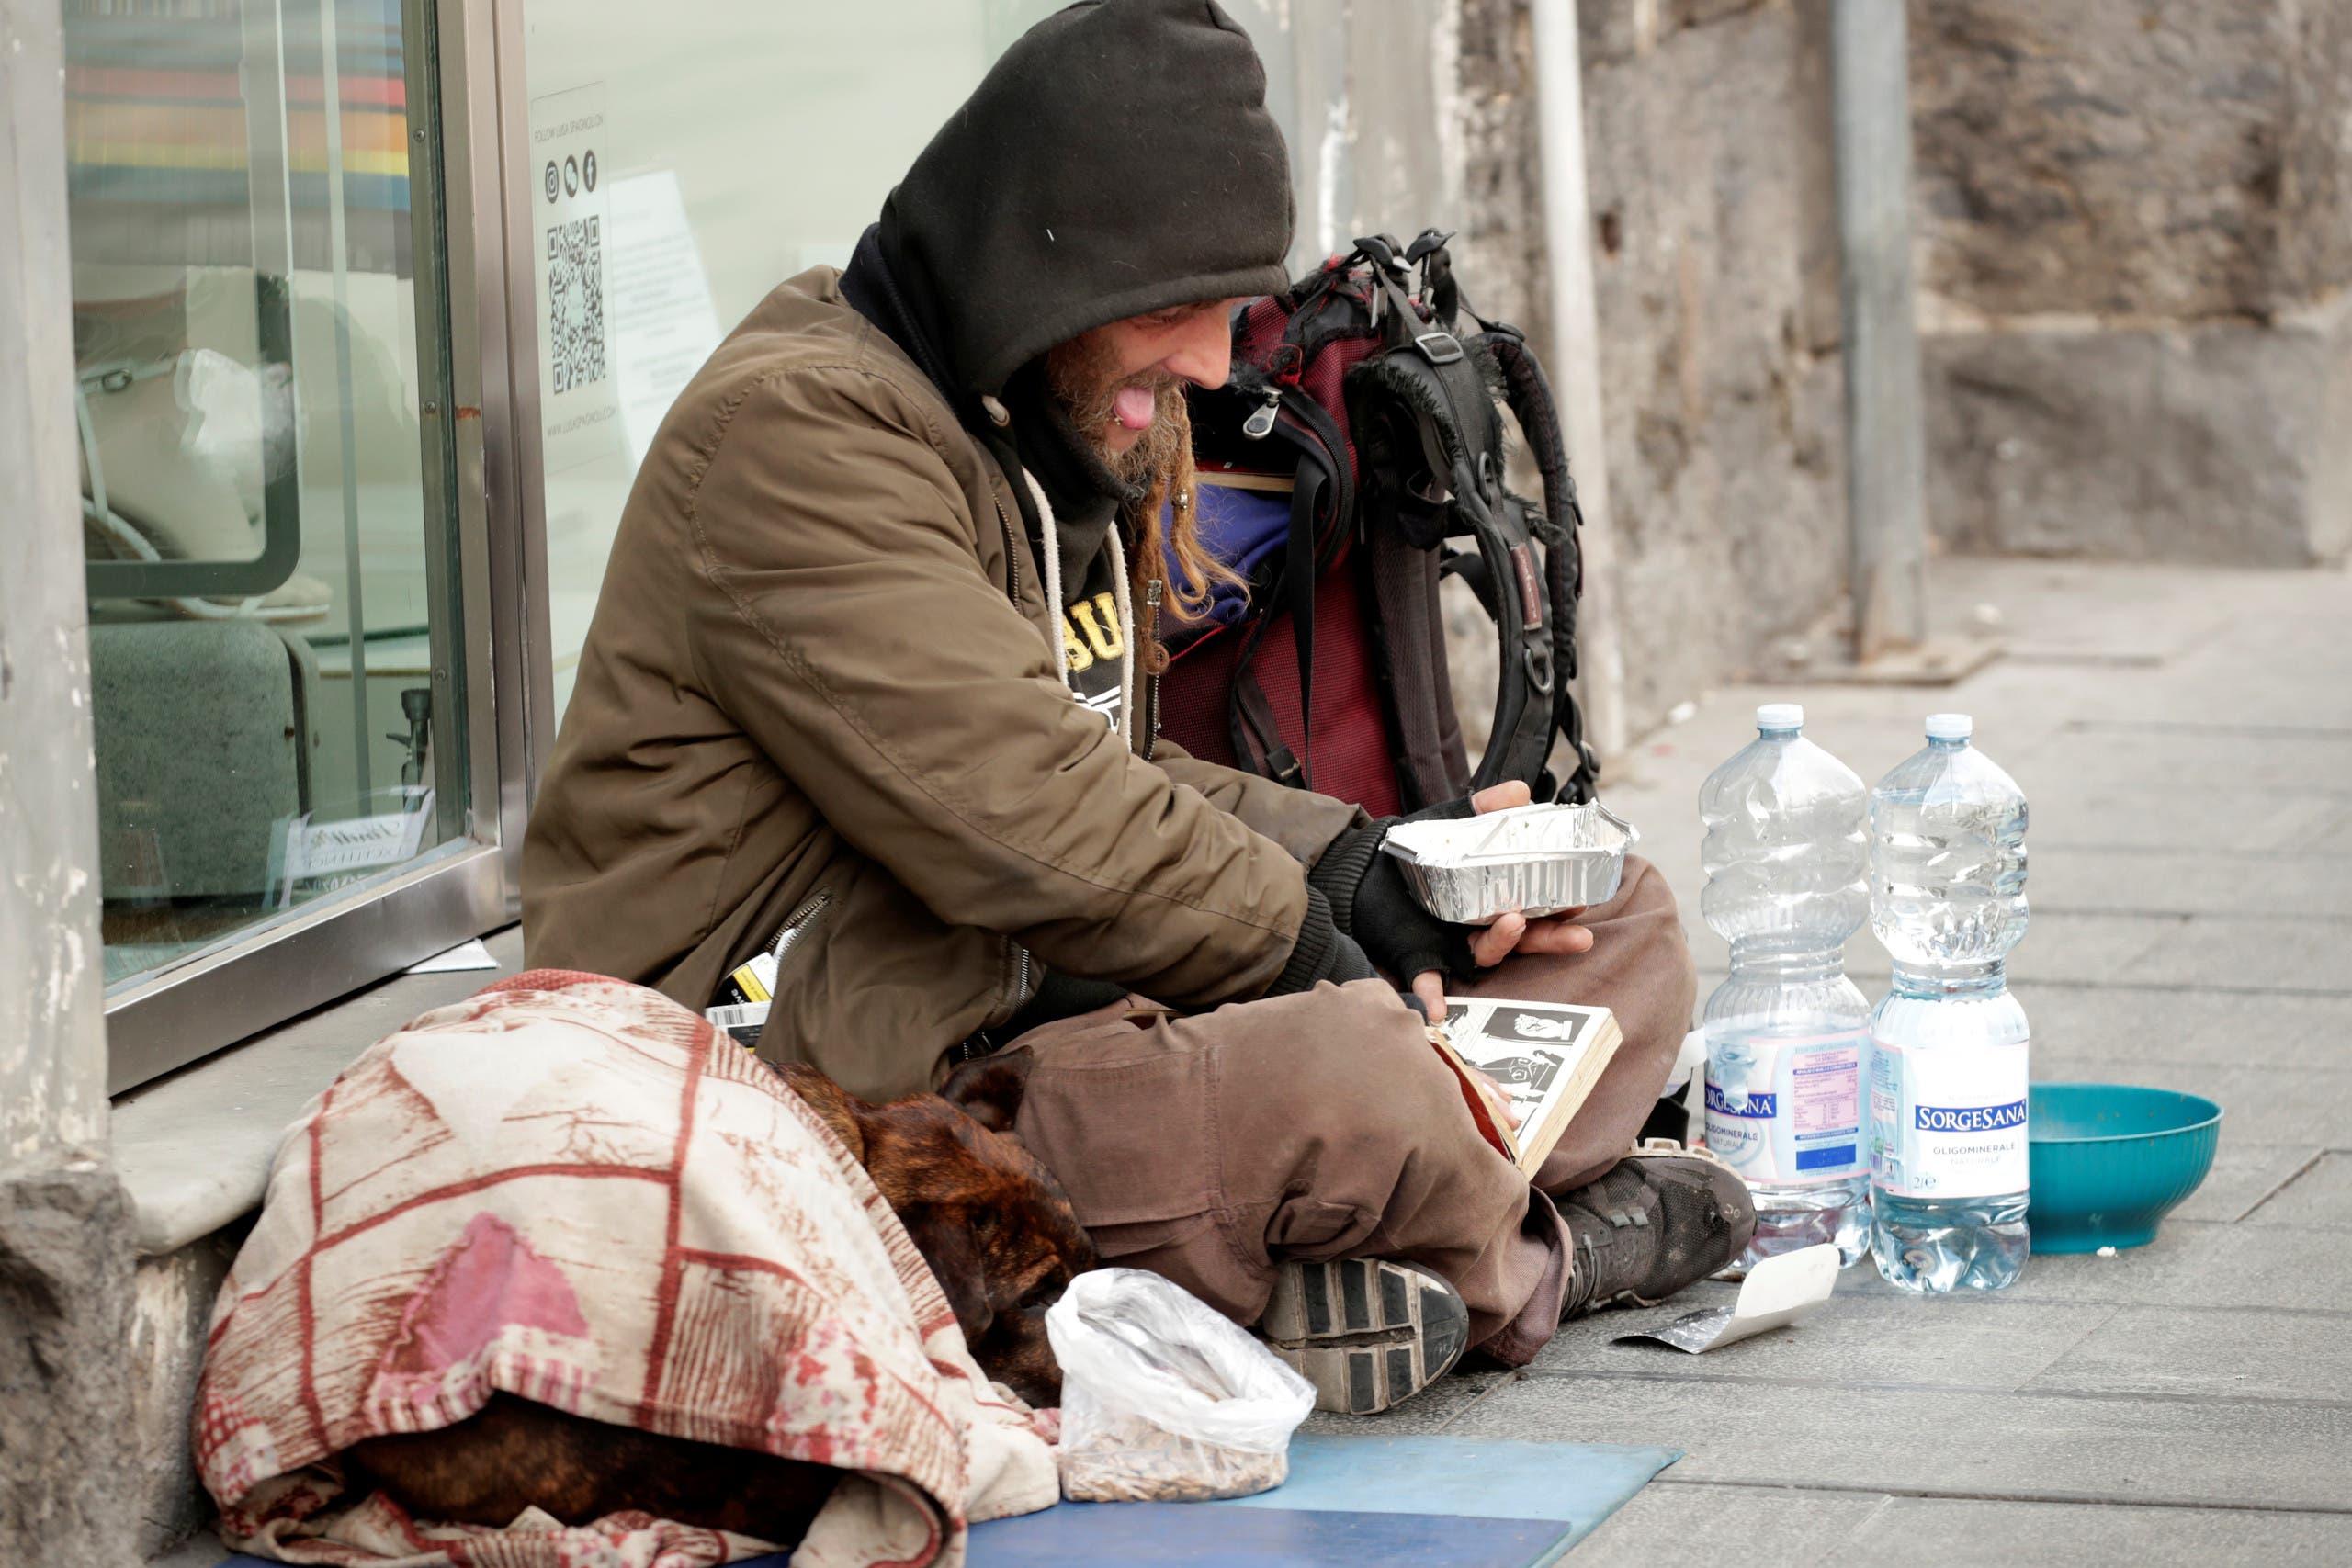 مشرد يجلس وحيداً في نابولي حيث تم فرض حظر للتجول بسبب كورونا